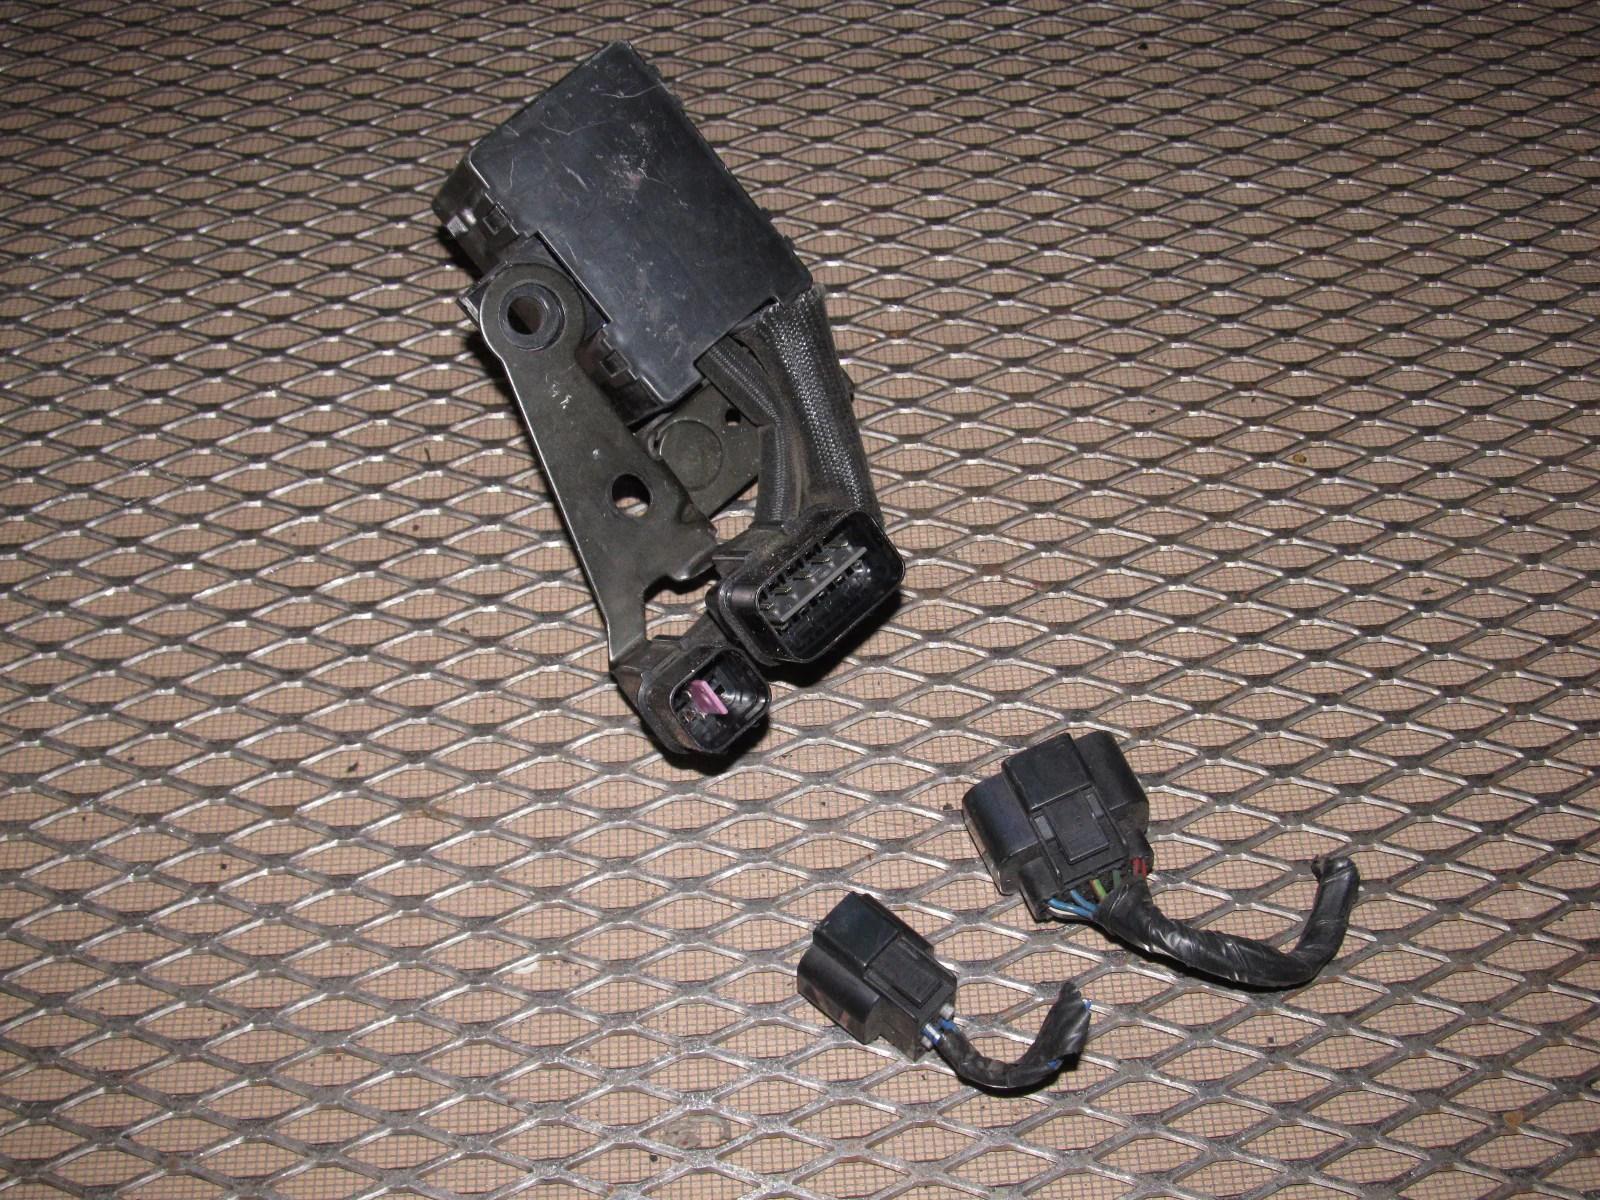 91 92 93 dodge stealth oem radiator fan a c clutch fan relay fuse box  [ 1600 x 1200 Pixel ]